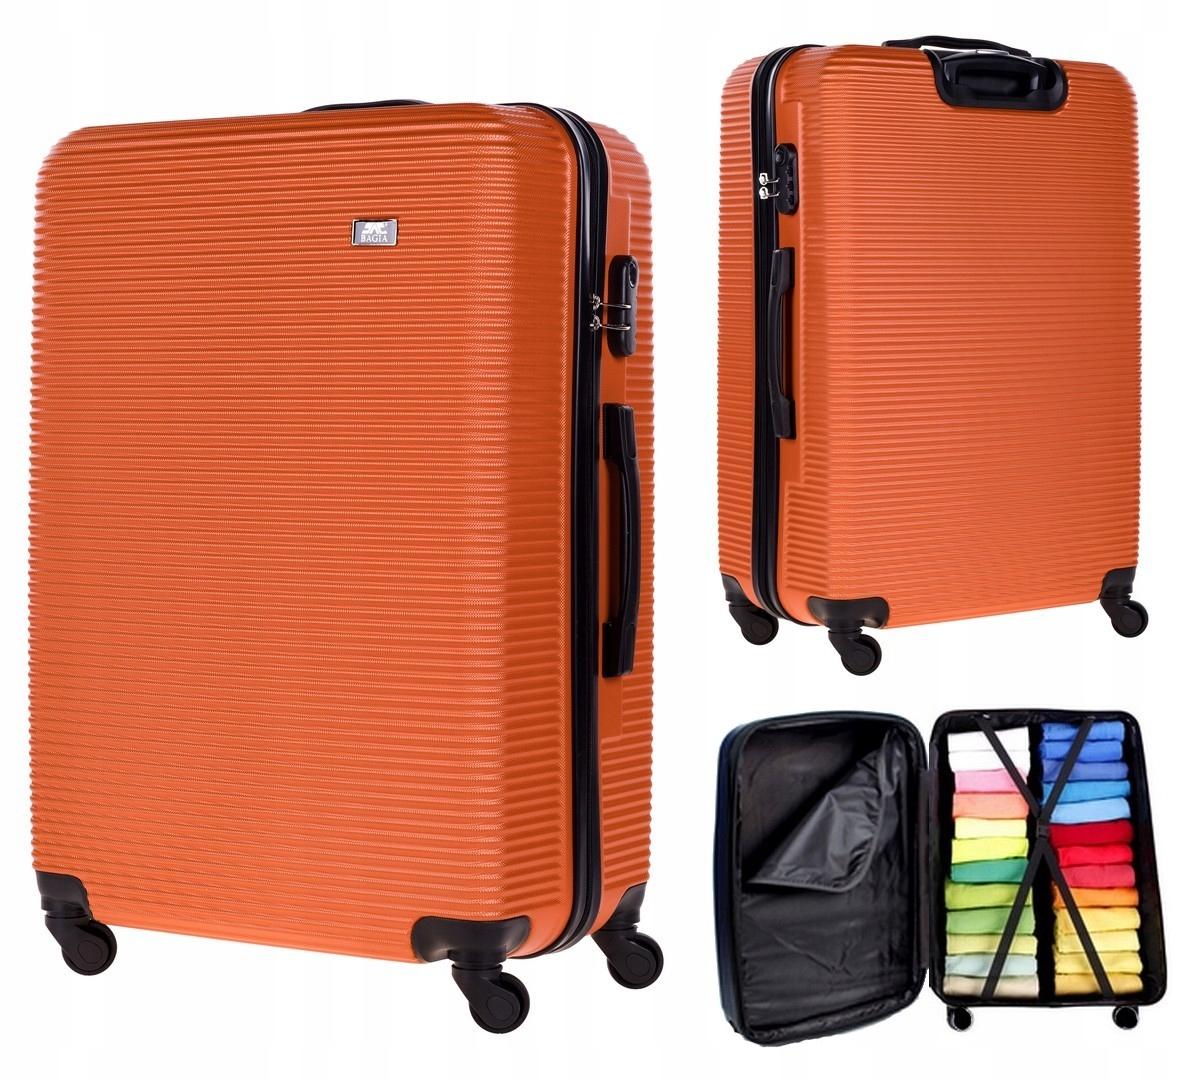 WALIZKA ŚREDNIA PODRÓŻNA KÓŁKA BAGAŻ EXCLUSIVE 808 Kolor inny kolor